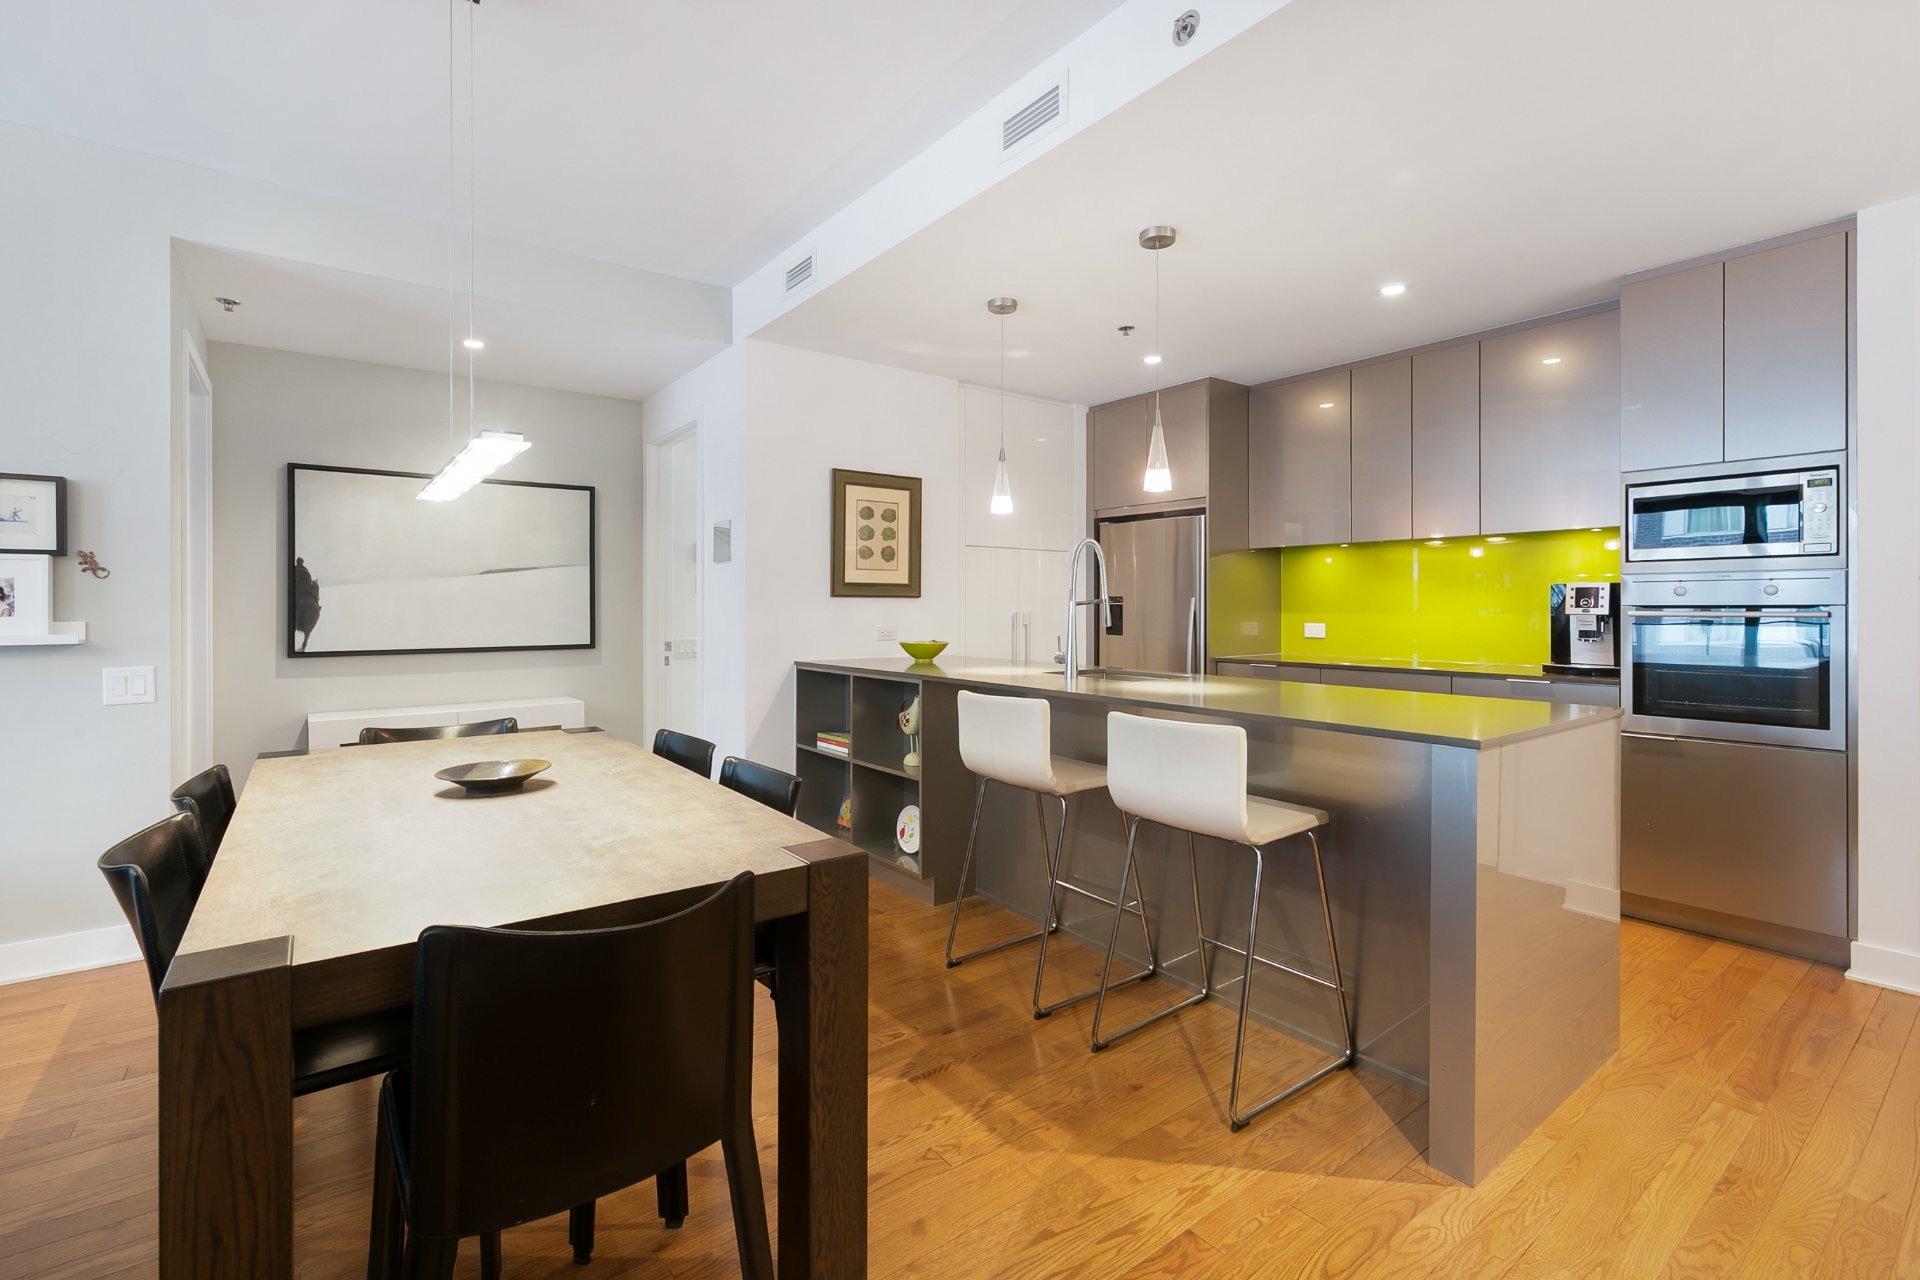 image 5 - Appartement À vendre Le Sud-Ouest Montréal  - 7 pièces